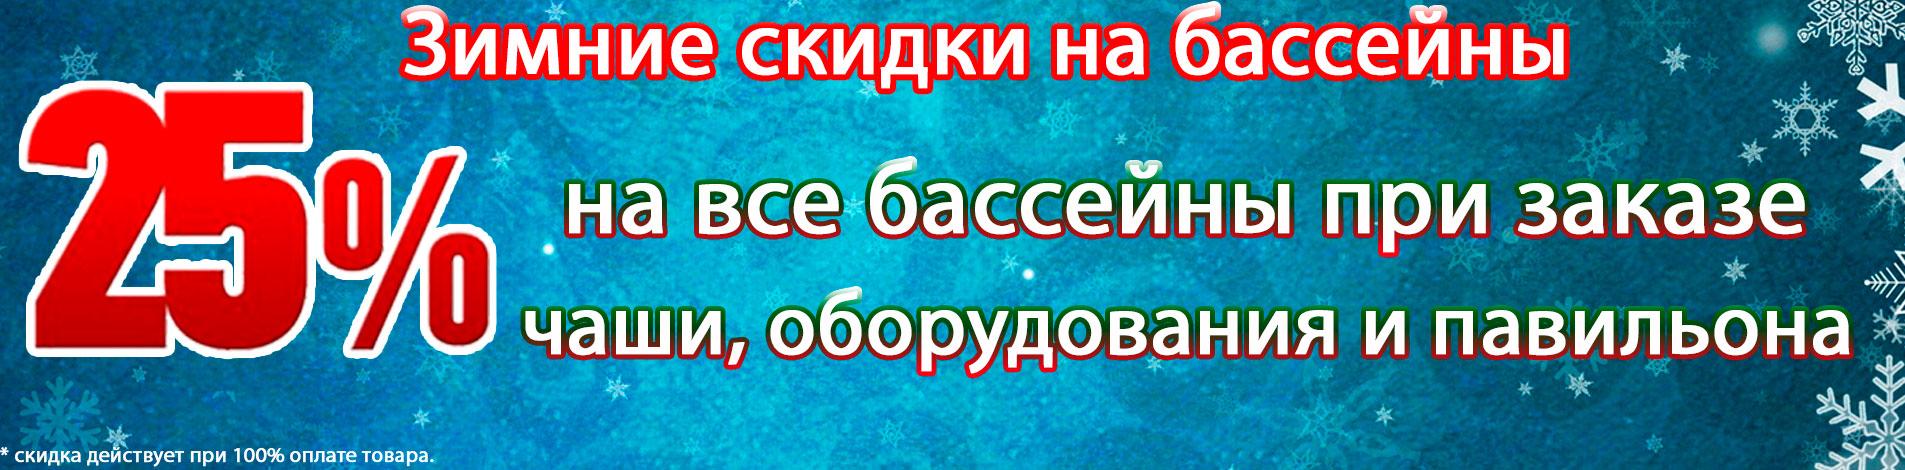 akciya-4